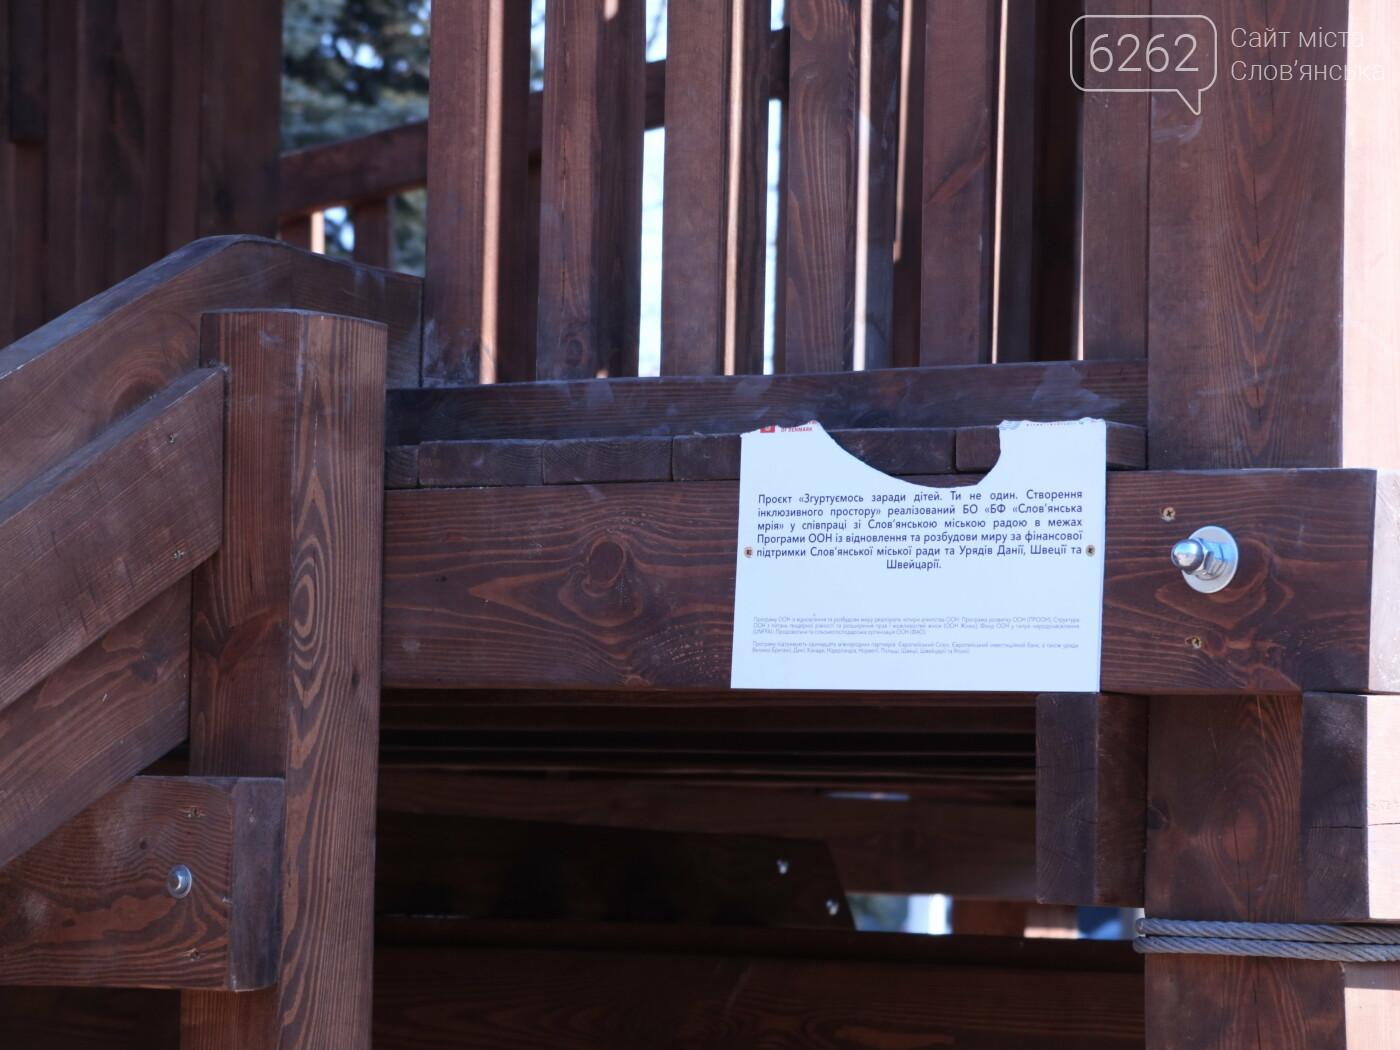 Качели в славянском парке Мечта никто не крал, их сняли для планового обслуживания , фото-4